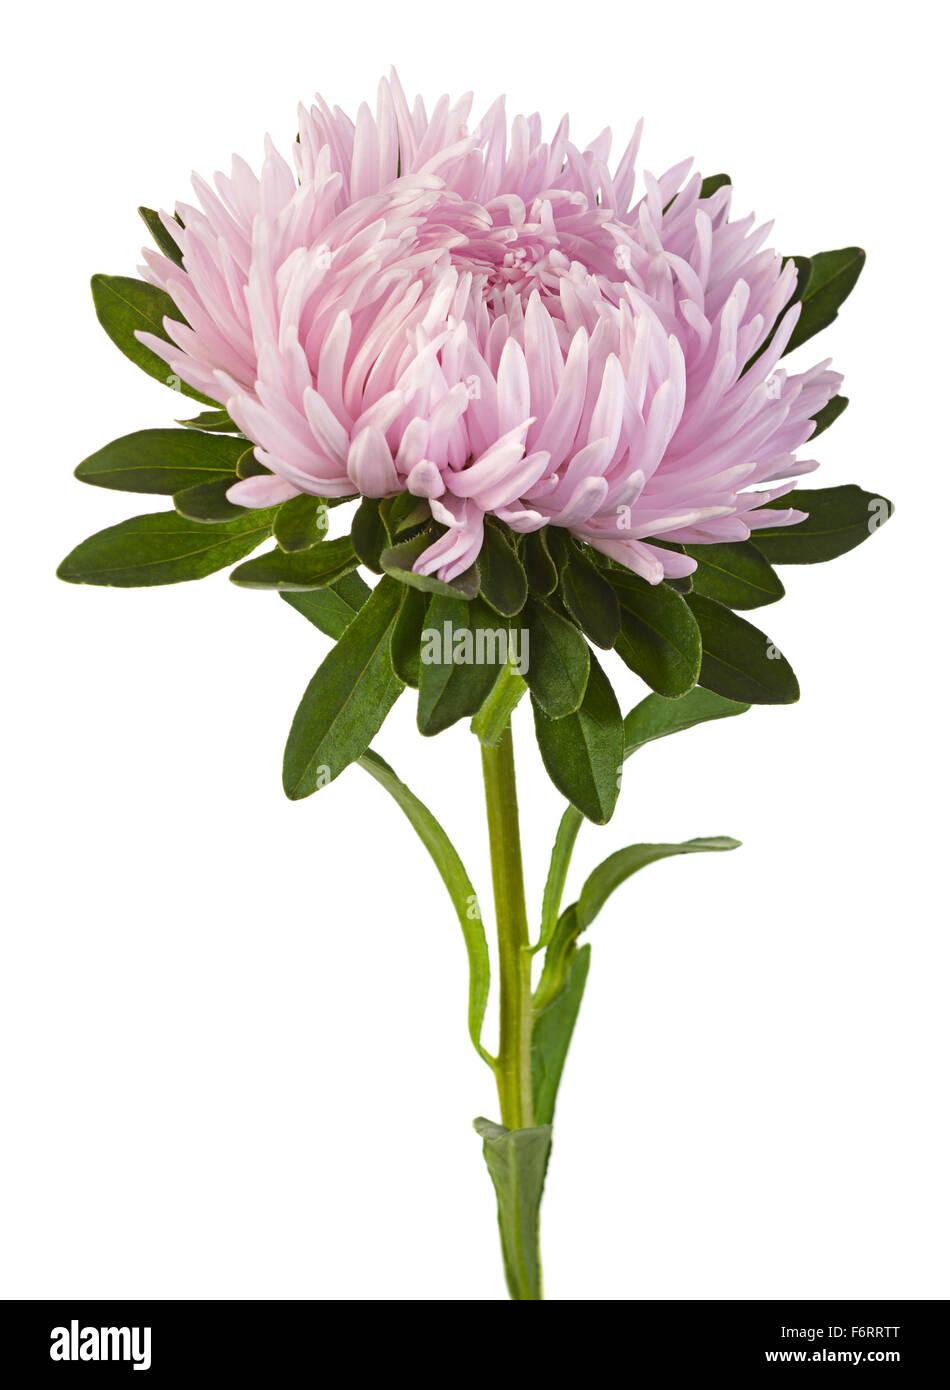 Pink Aster Flower Head Closeup Stock Photos Pink Aster Flower Head